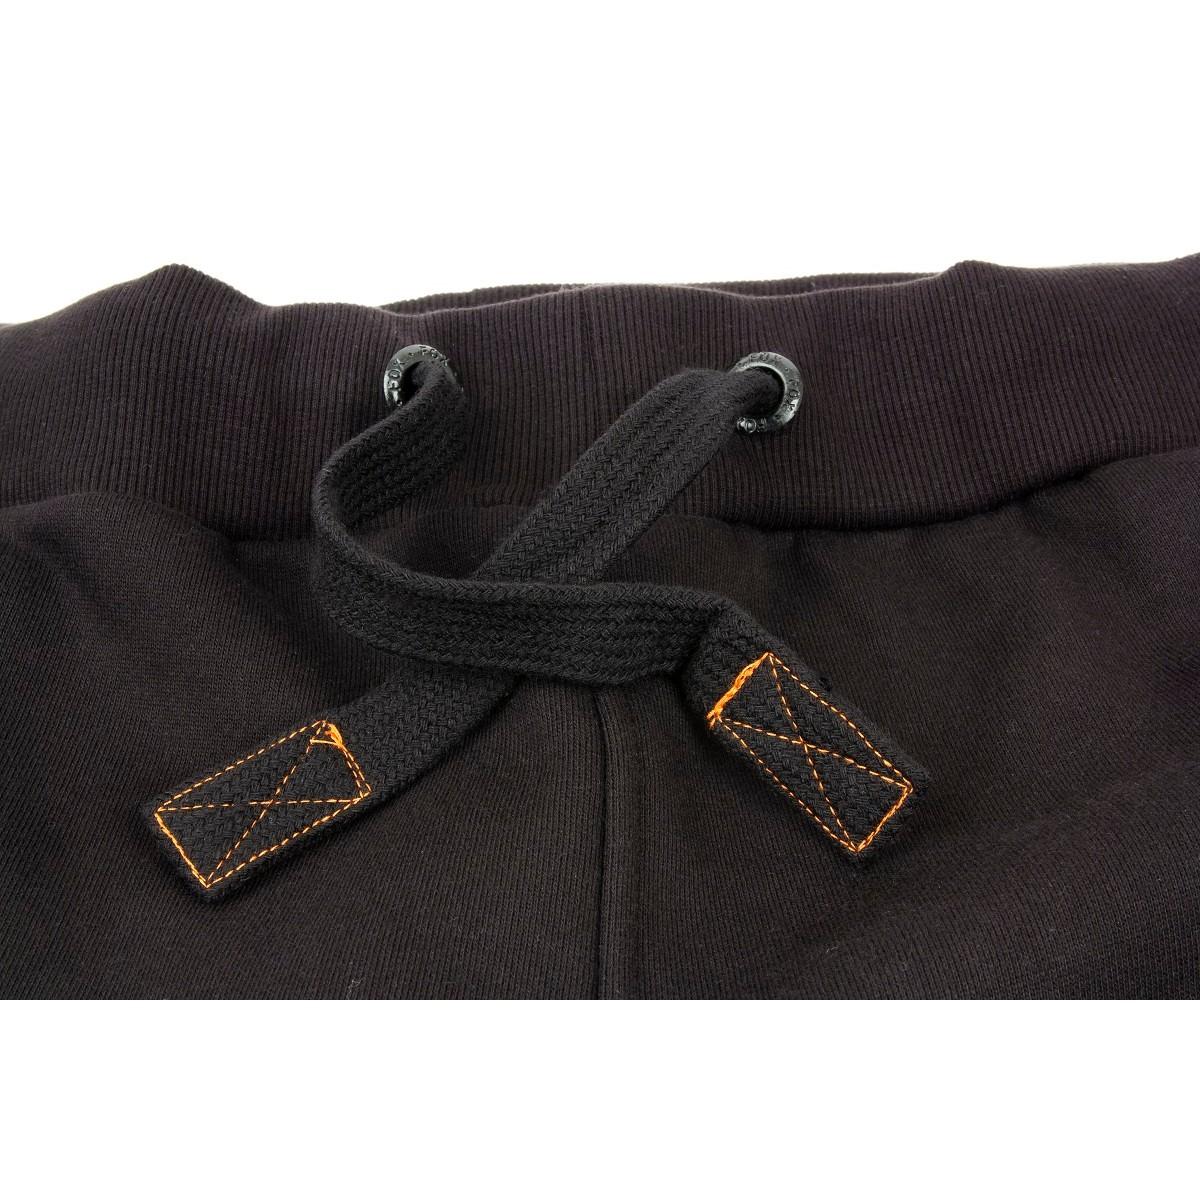 Панталони Fox Joggers Black/Orange